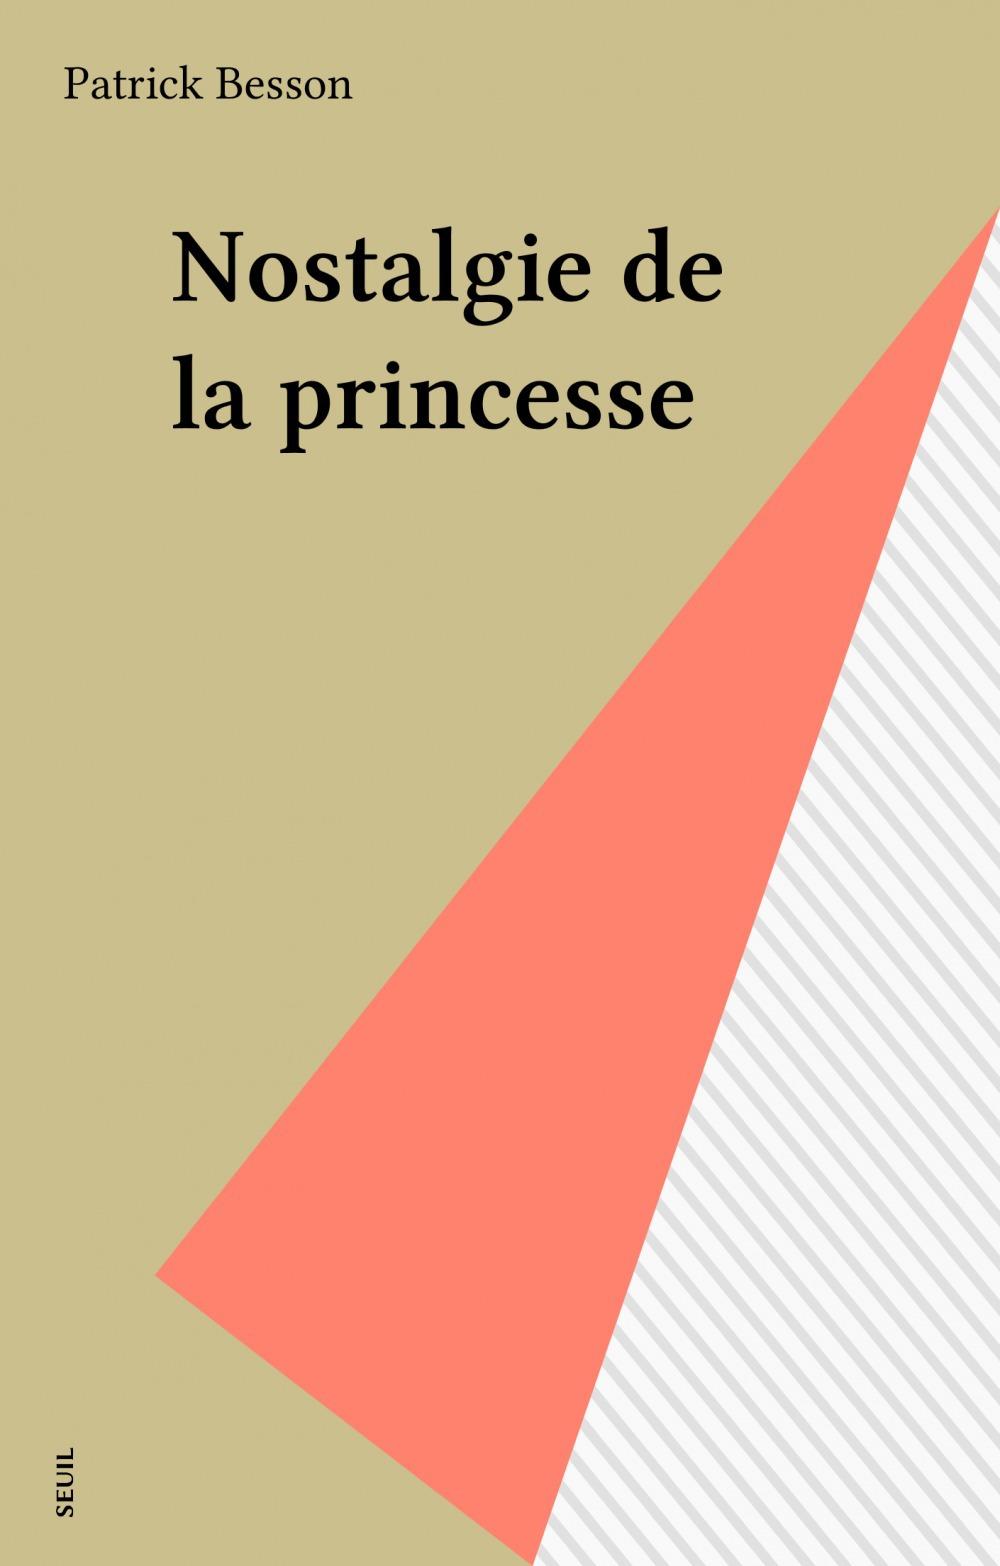 Nostalgie de la princesse